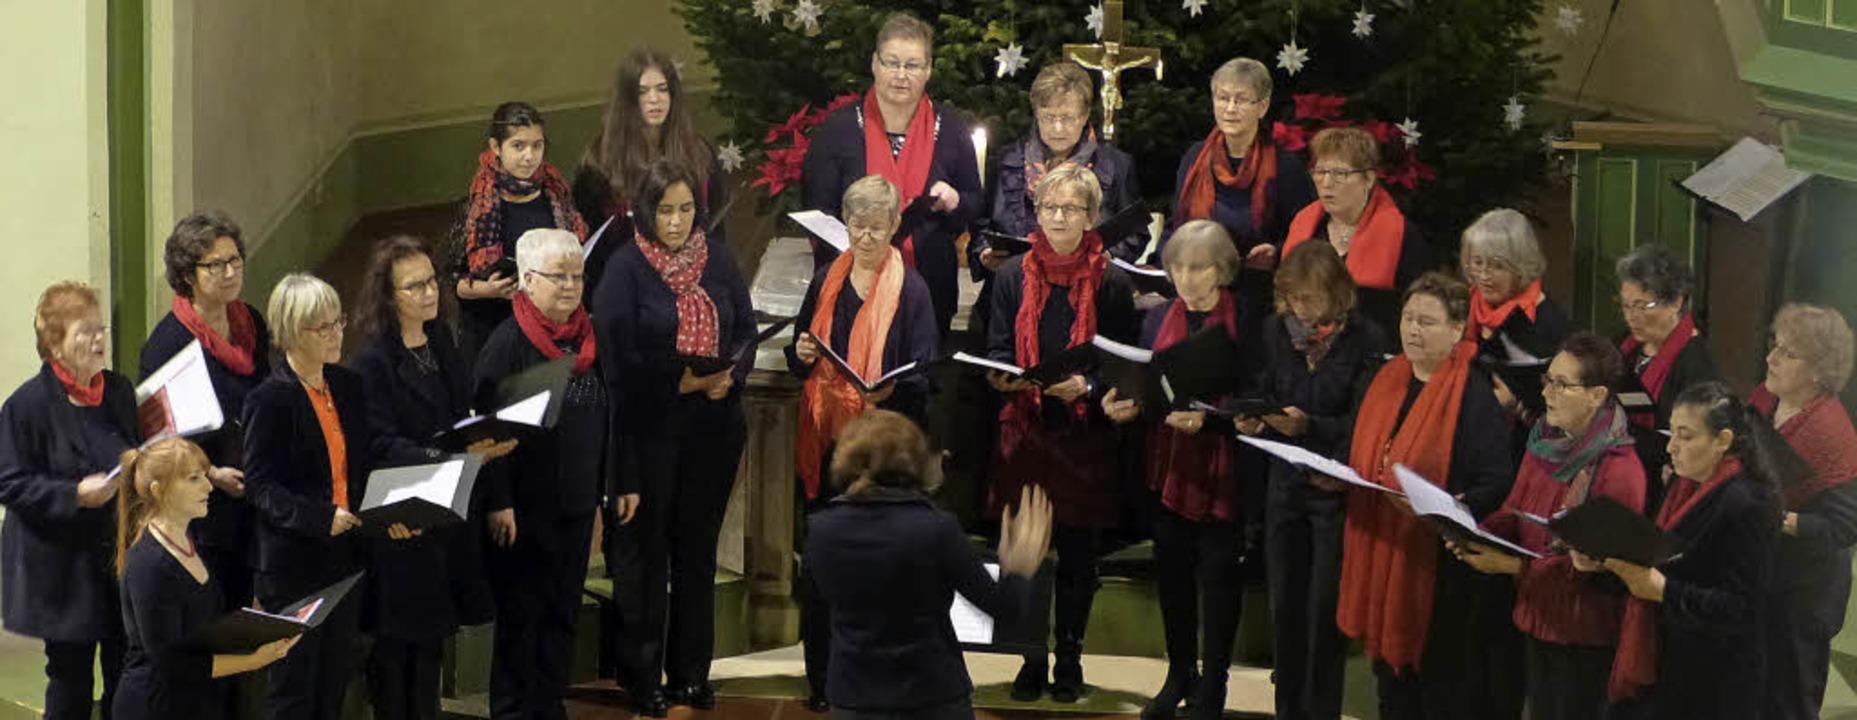 Weihnachtskonzert Gesangverein Köndrin... Köndringen und Gee Whiz Bad Krozingen    Foto: Aribert Rüssel